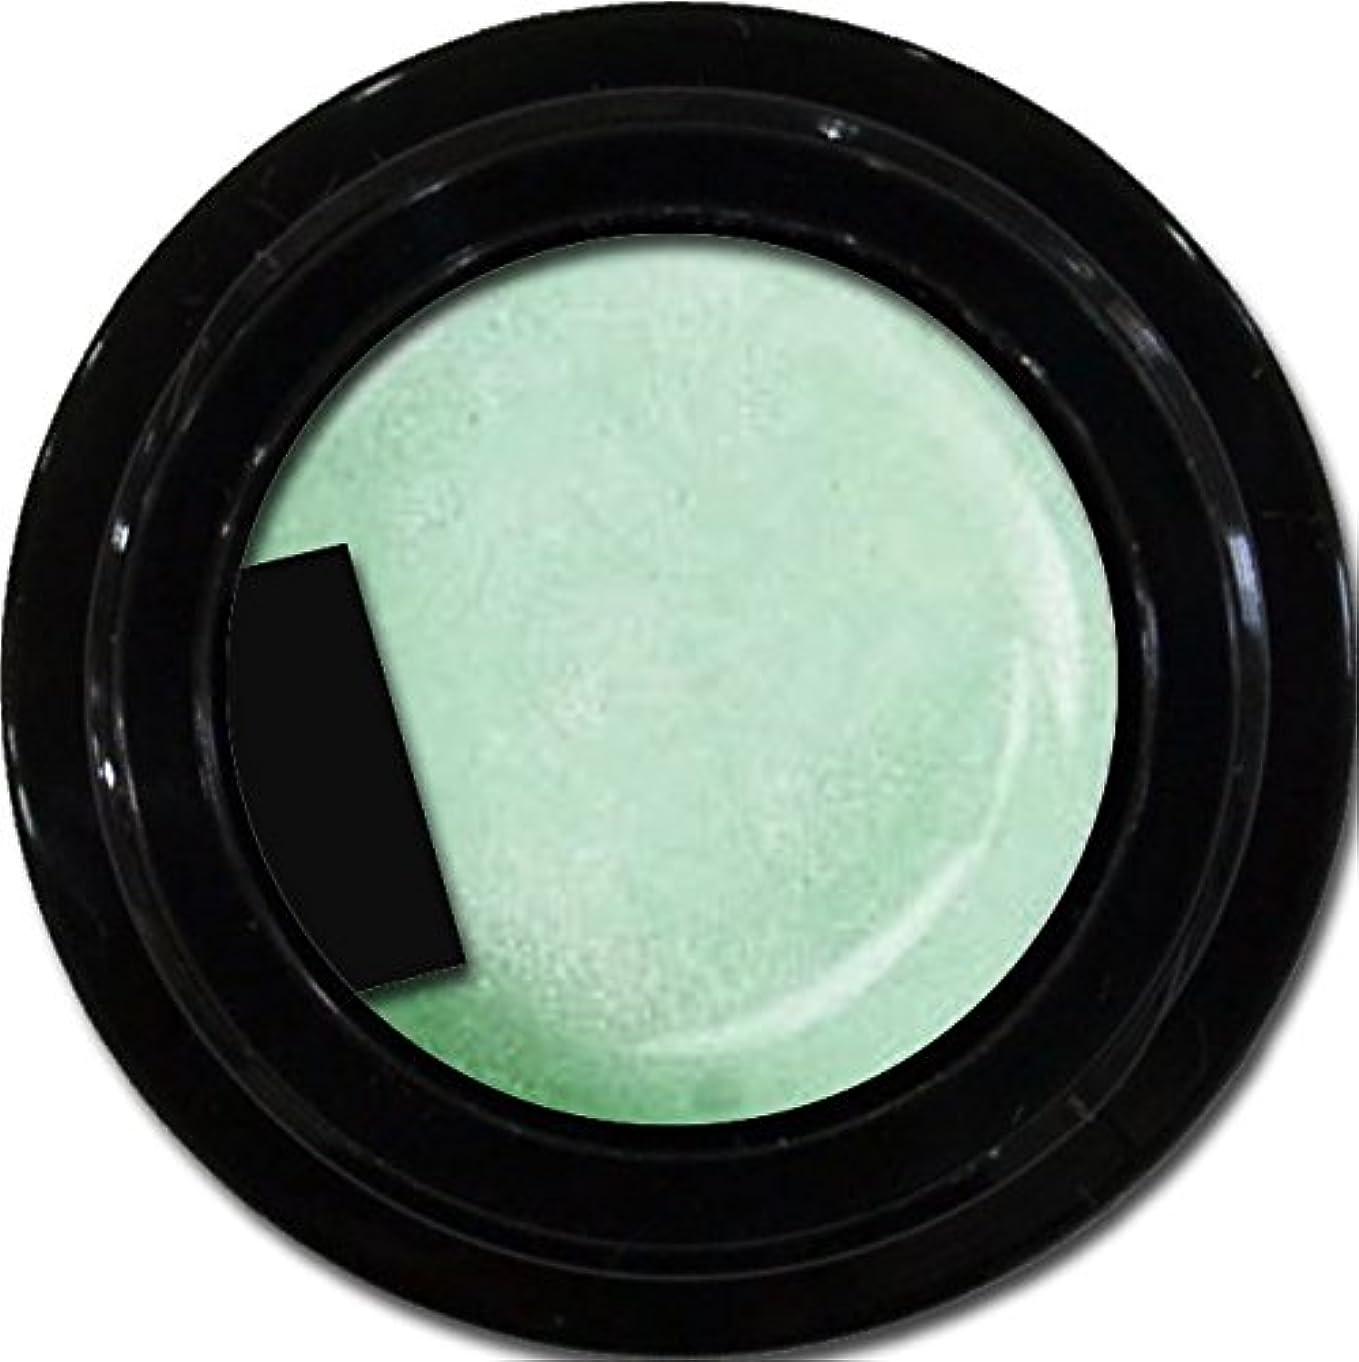 アクティビティ見かけ上影のあるカラージェル enchant color gel P701 GreenLilac 3g/ パールカラージェル P701グリーンライラック 3グラム